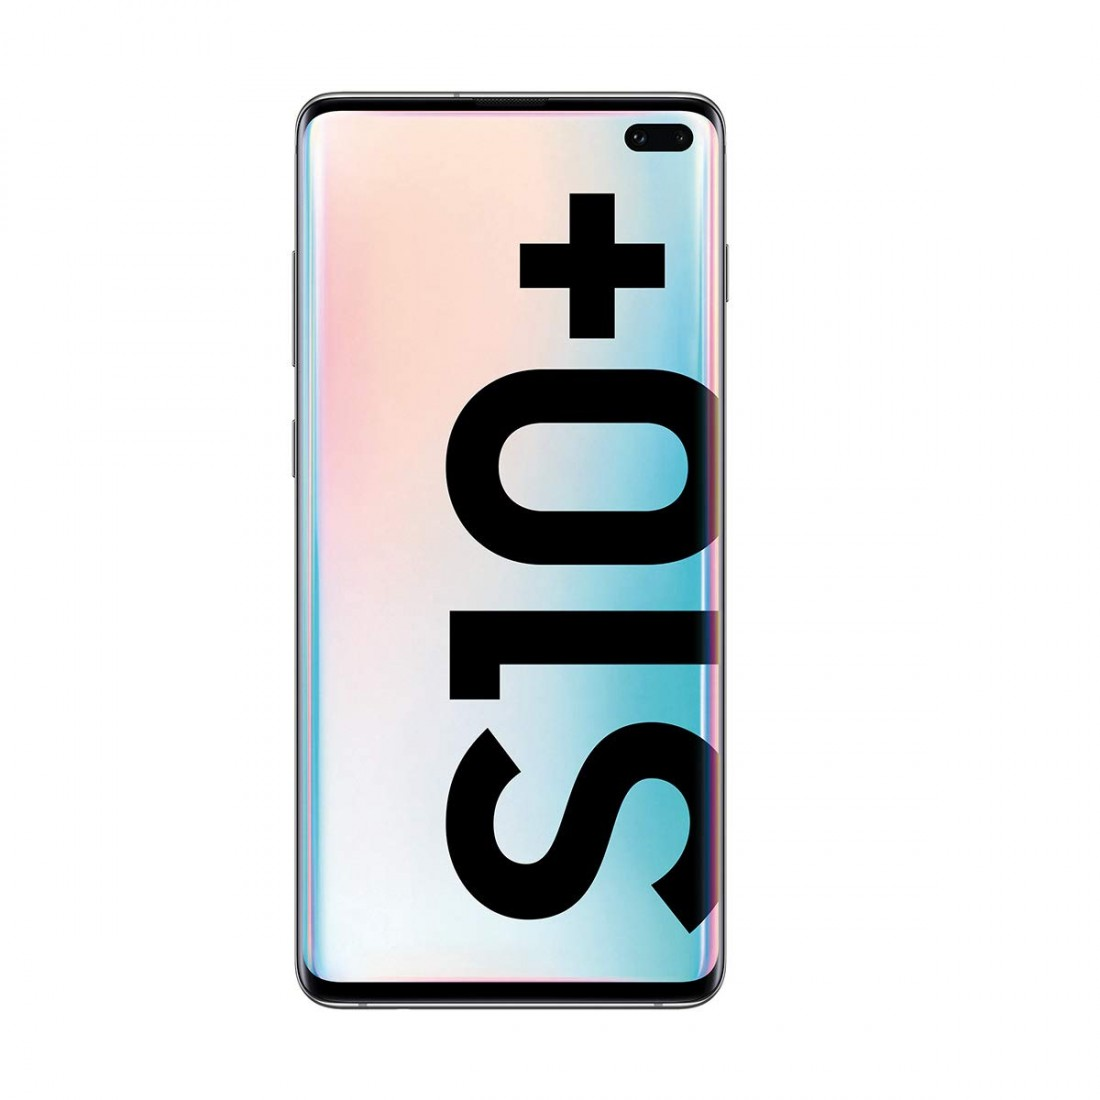 Samsung Galaxy S10+ - Smartphone, pantalla 6.4 pulgadas, memoria interna 1 TB, 12 GB RAM, color Blanco